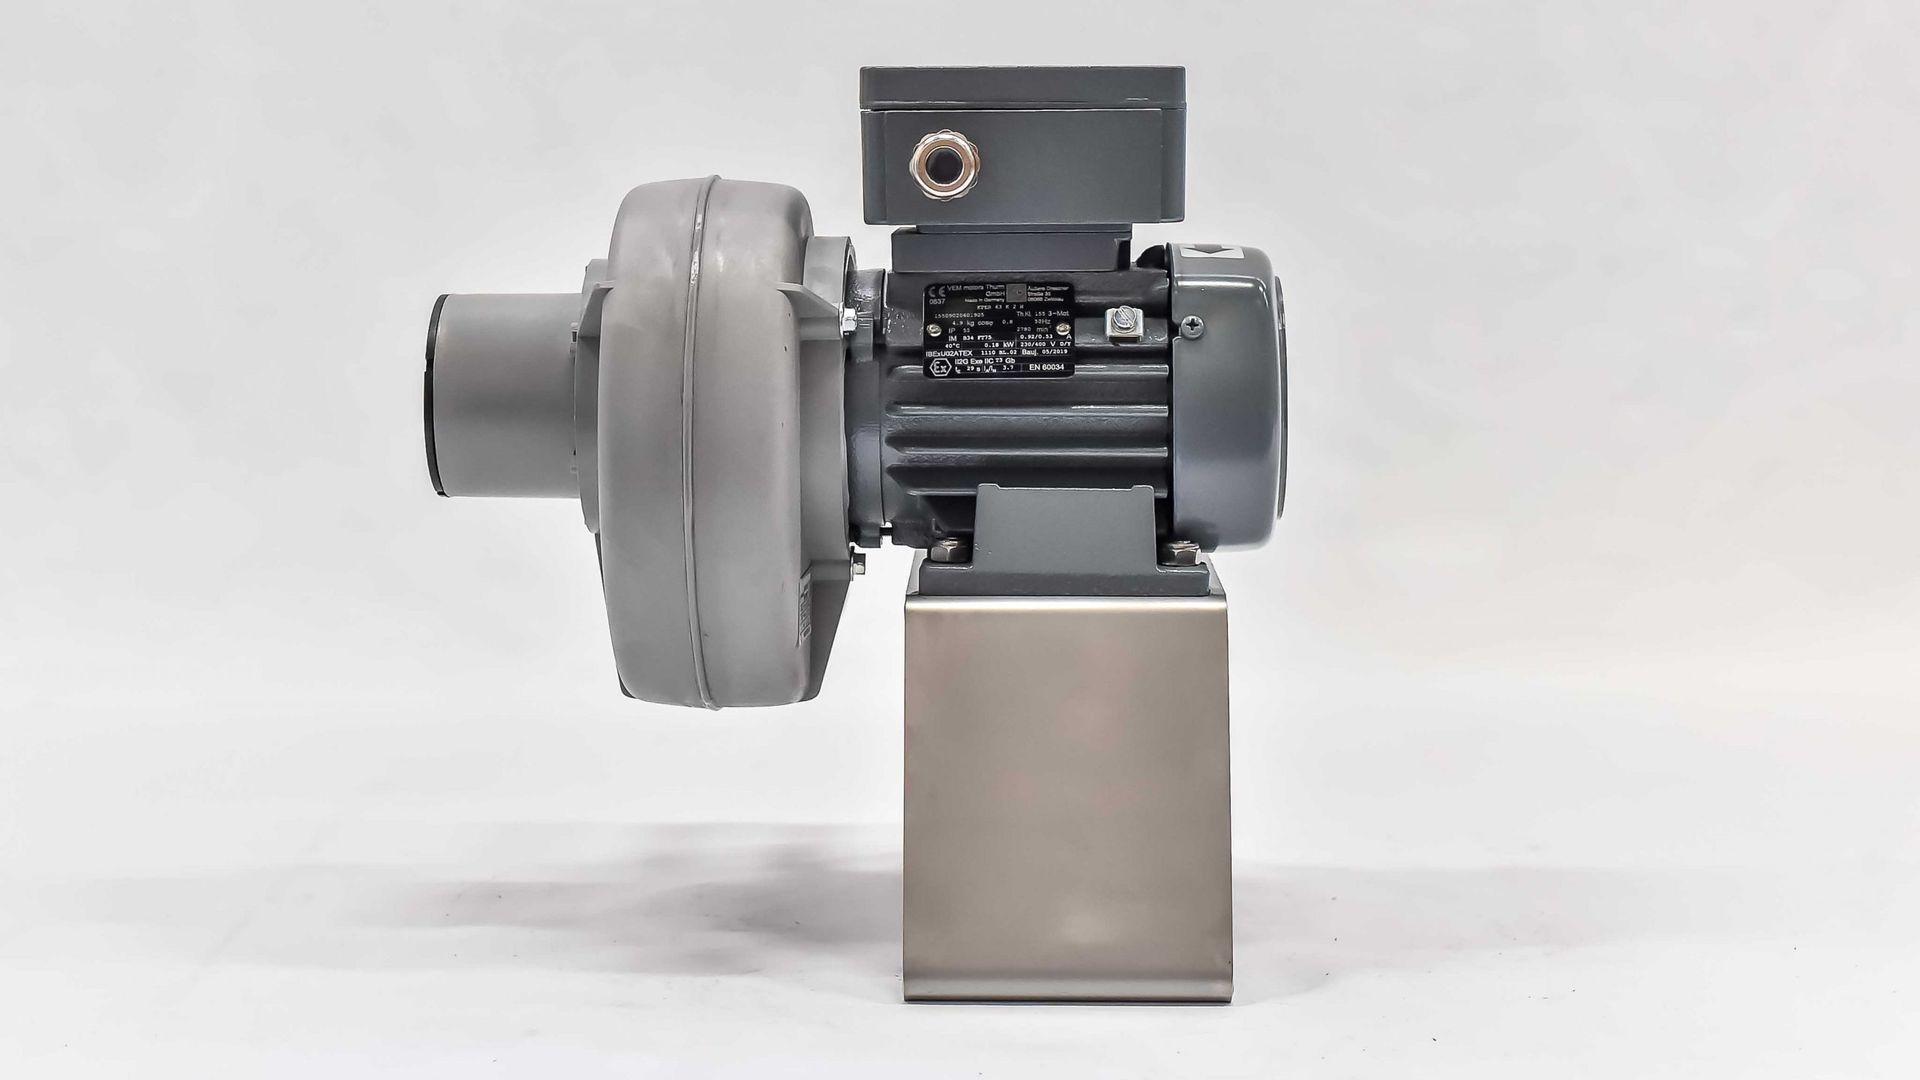 Turbo radialgebläse radialventilator radiallüfter ventiladores 1950m³h 4-eck brida